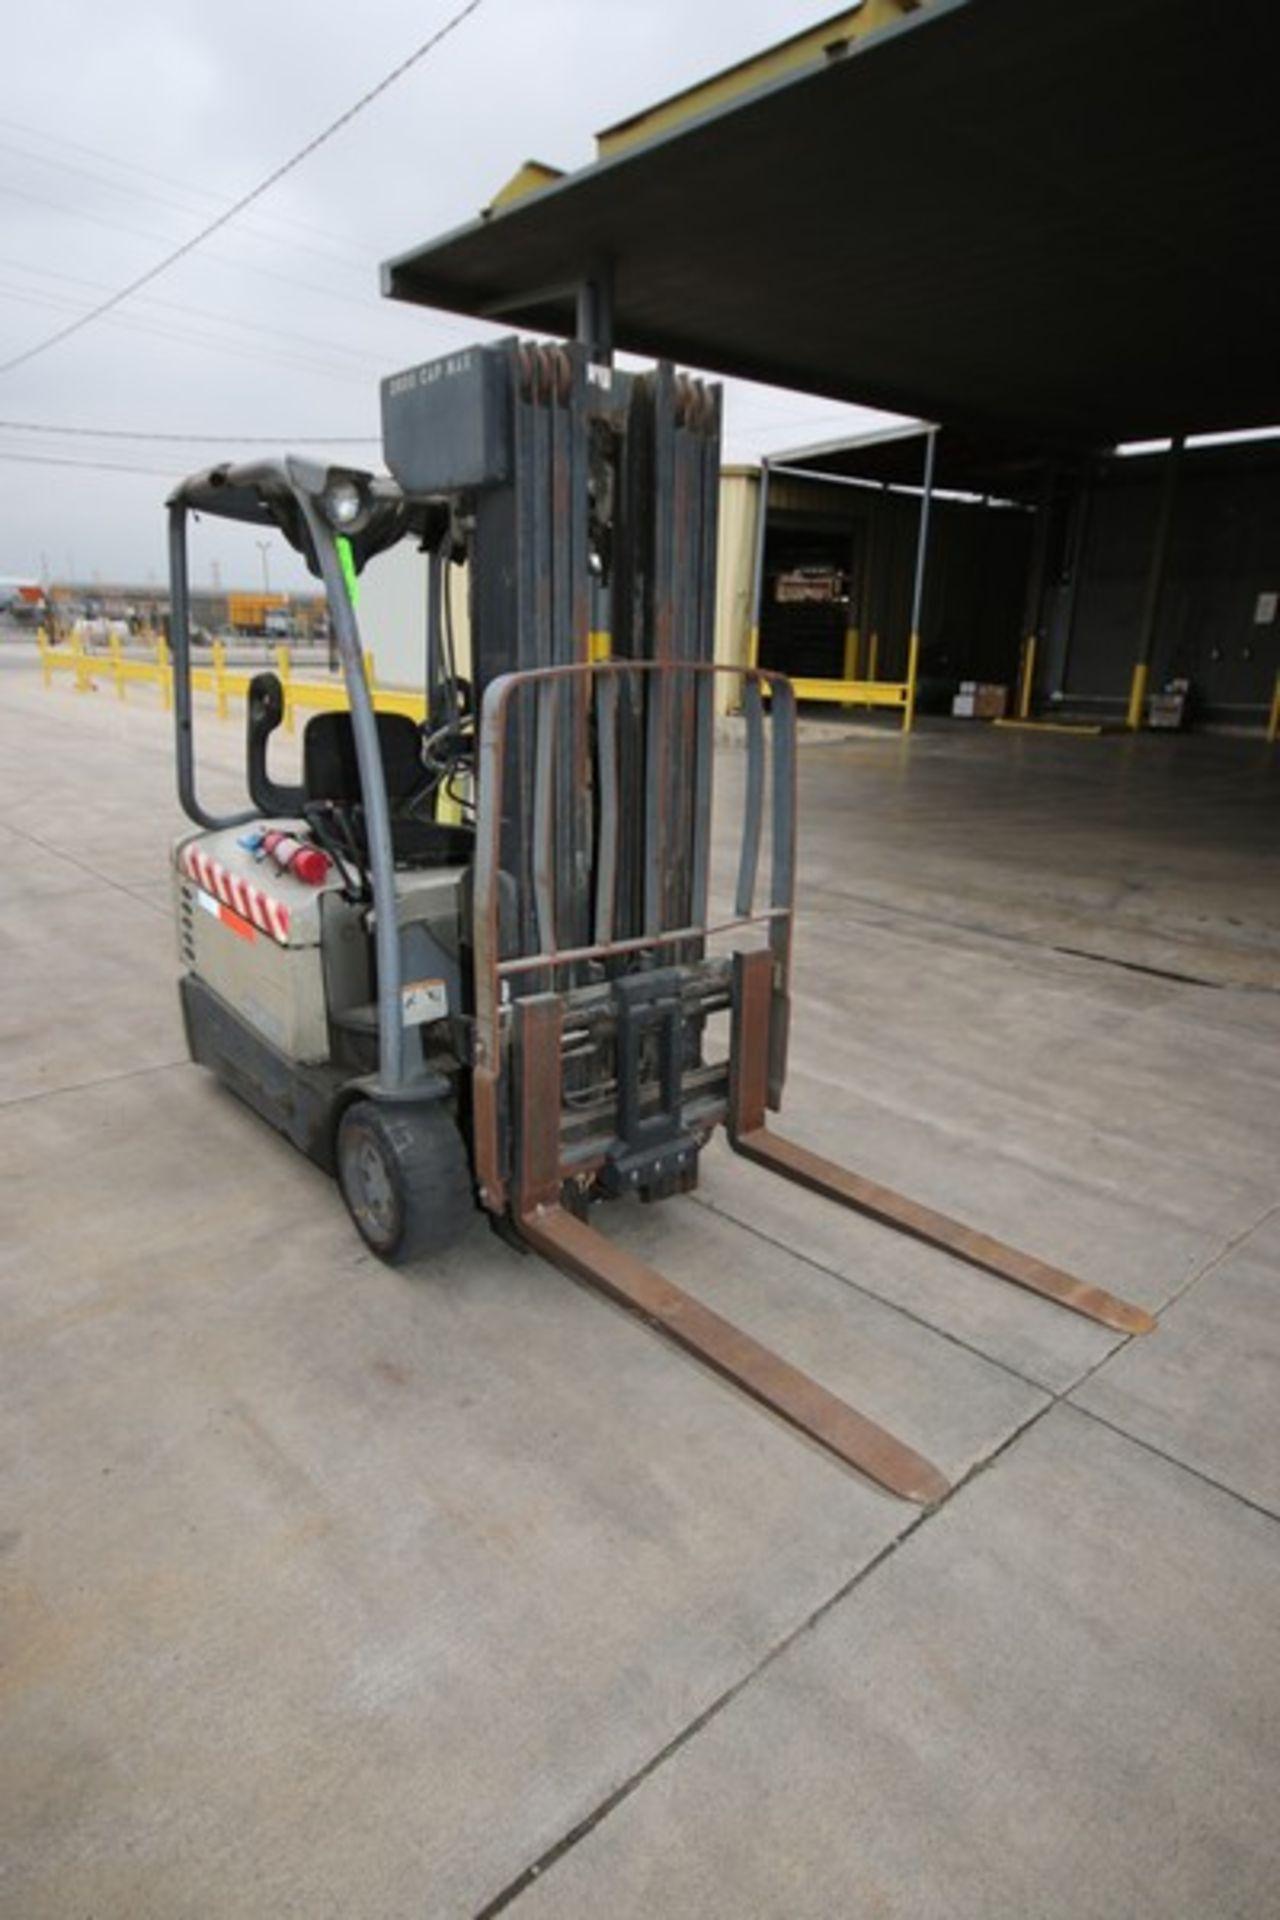 Lot 46 - Crown 2,600 lb. Sit-Down Electric Forklift, M/N SC4040-35QUAD240, S/N 9A114093, with 36 Volt